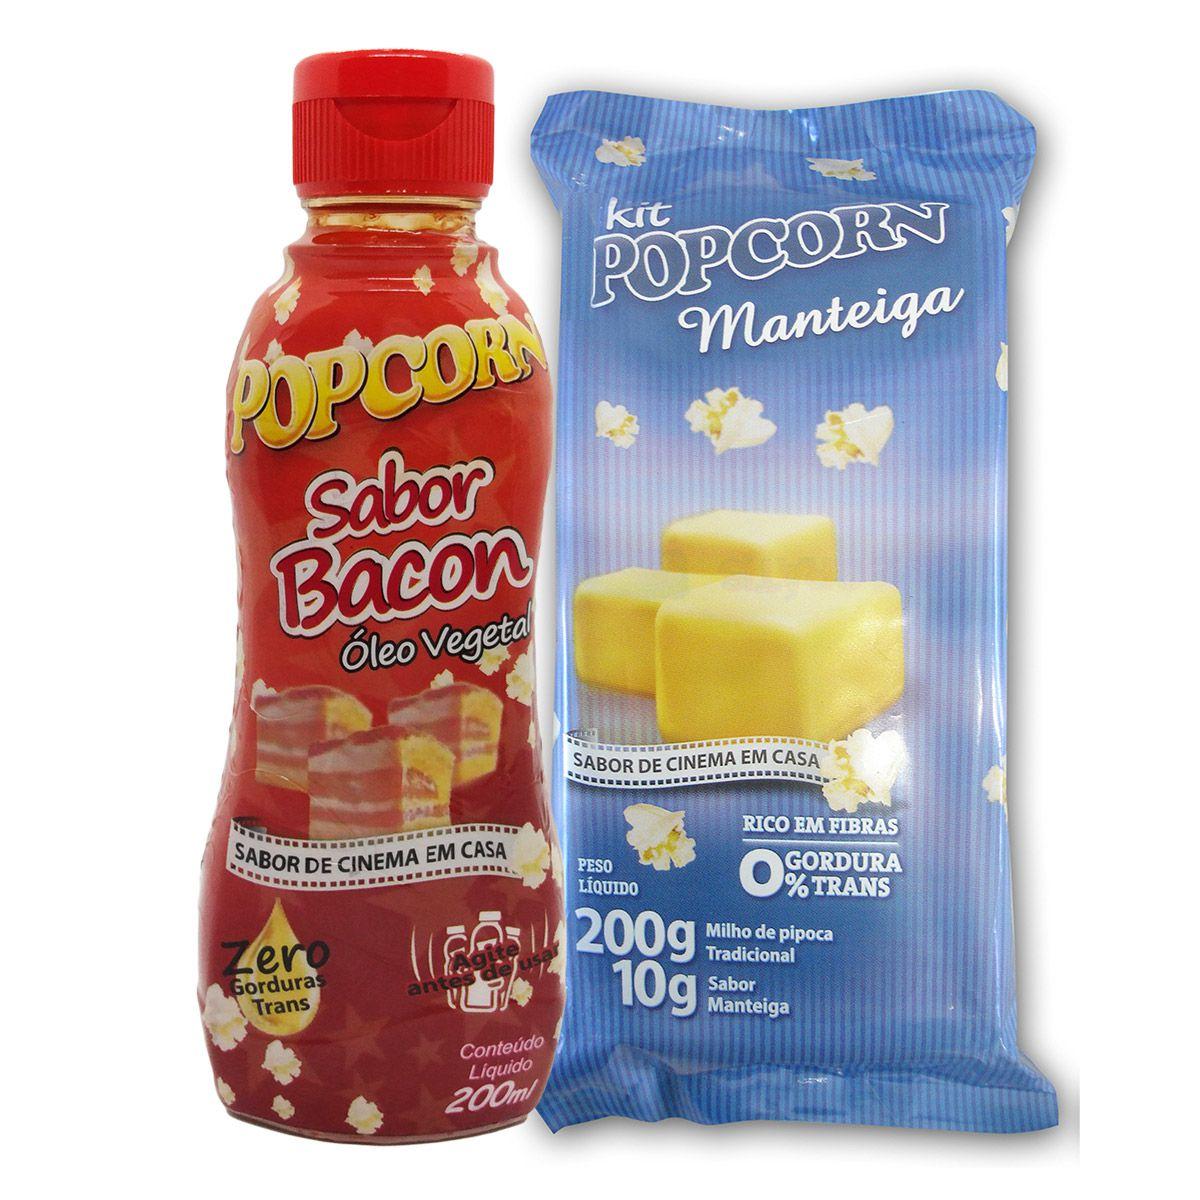 Pipoca Tradicional + Tempero Manteiga + Óleo Vegetal sabor Bacon